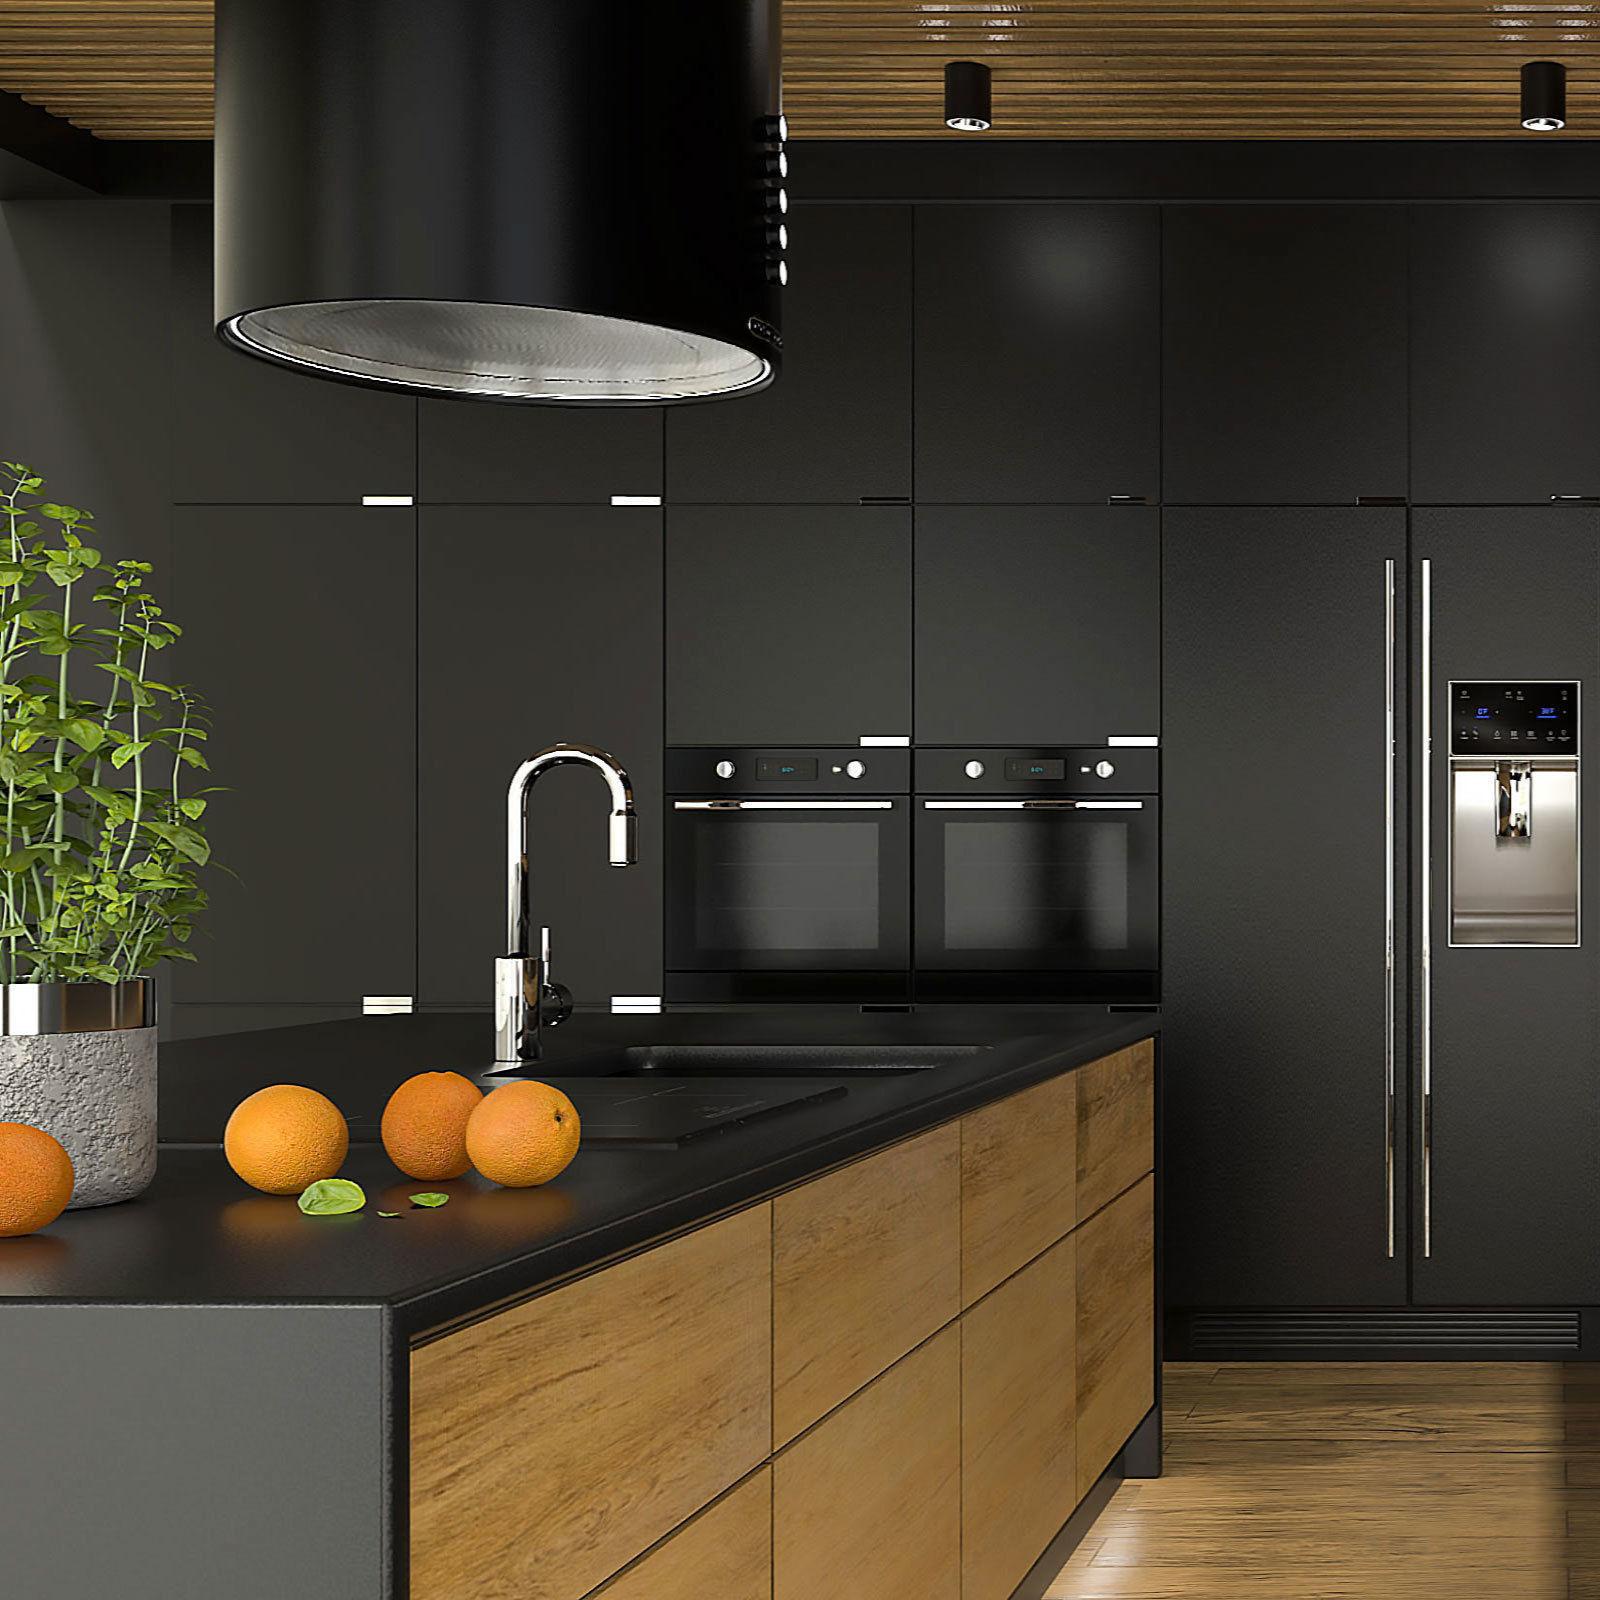 Modern kitchen interior   9D model